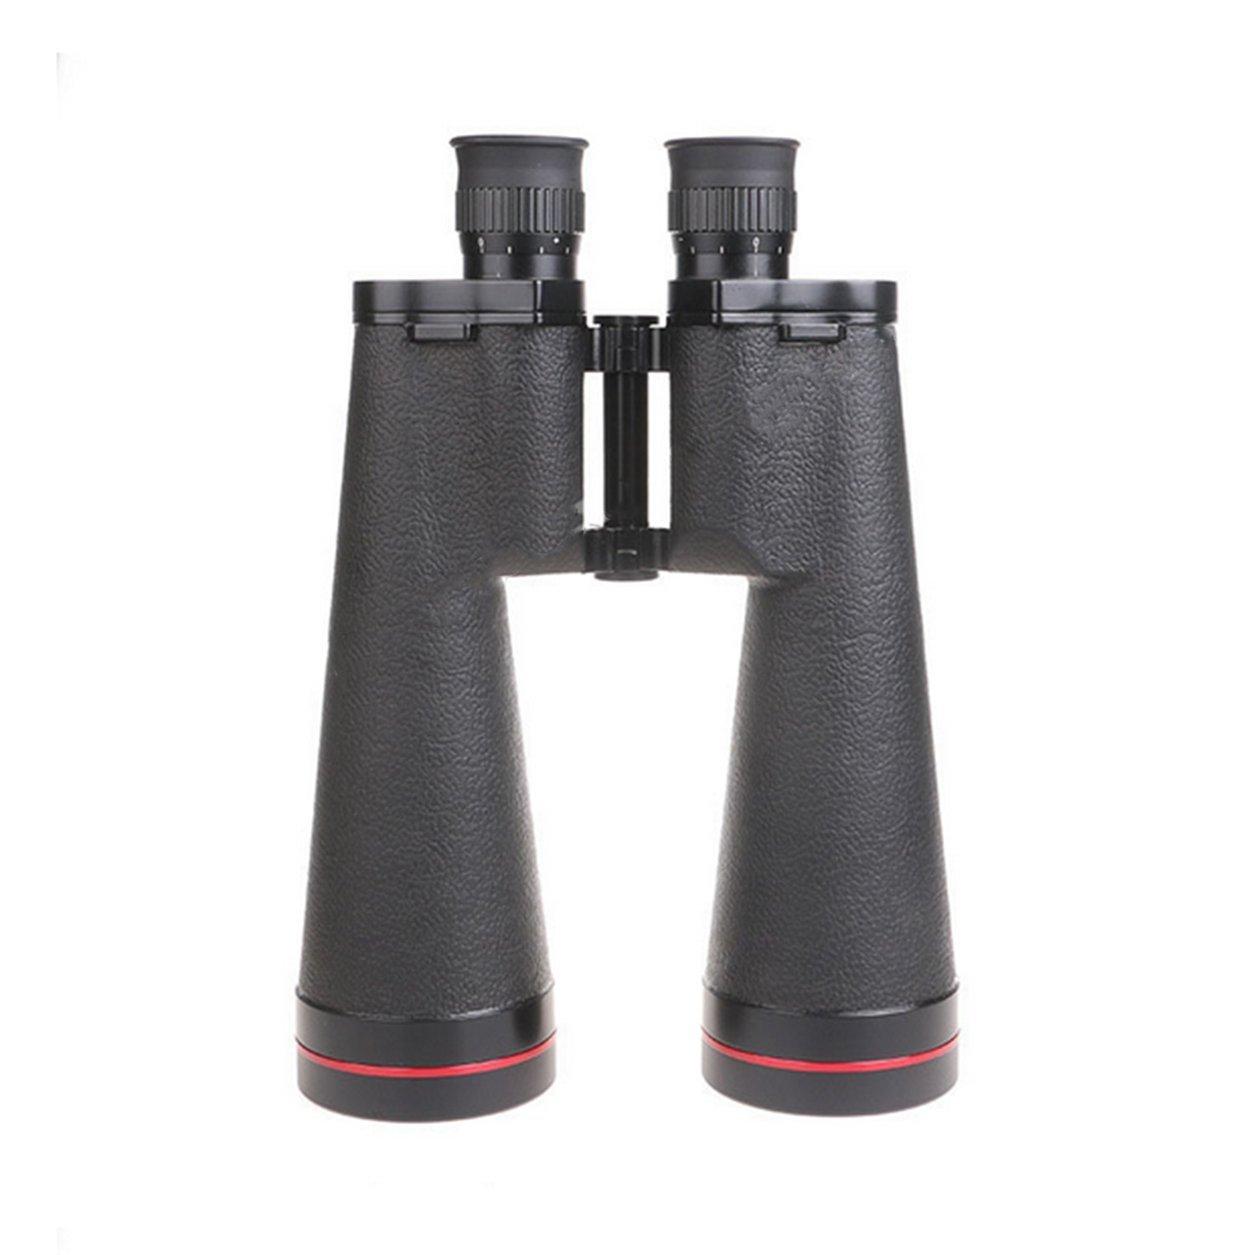 安いそれに目立つ Saikogoods 望遠鏡 望遠鏡 Suncore High Powered双眼鏡20X70 B07JF1P4K5 Ultra Saikogoods HDプロフェッショナル双眼鏡防犯用防犯望遠鏡(狩猟用) B07JF1P4K5, 日刊競馬オンラインショップ:9123681e --- 4x4.lt